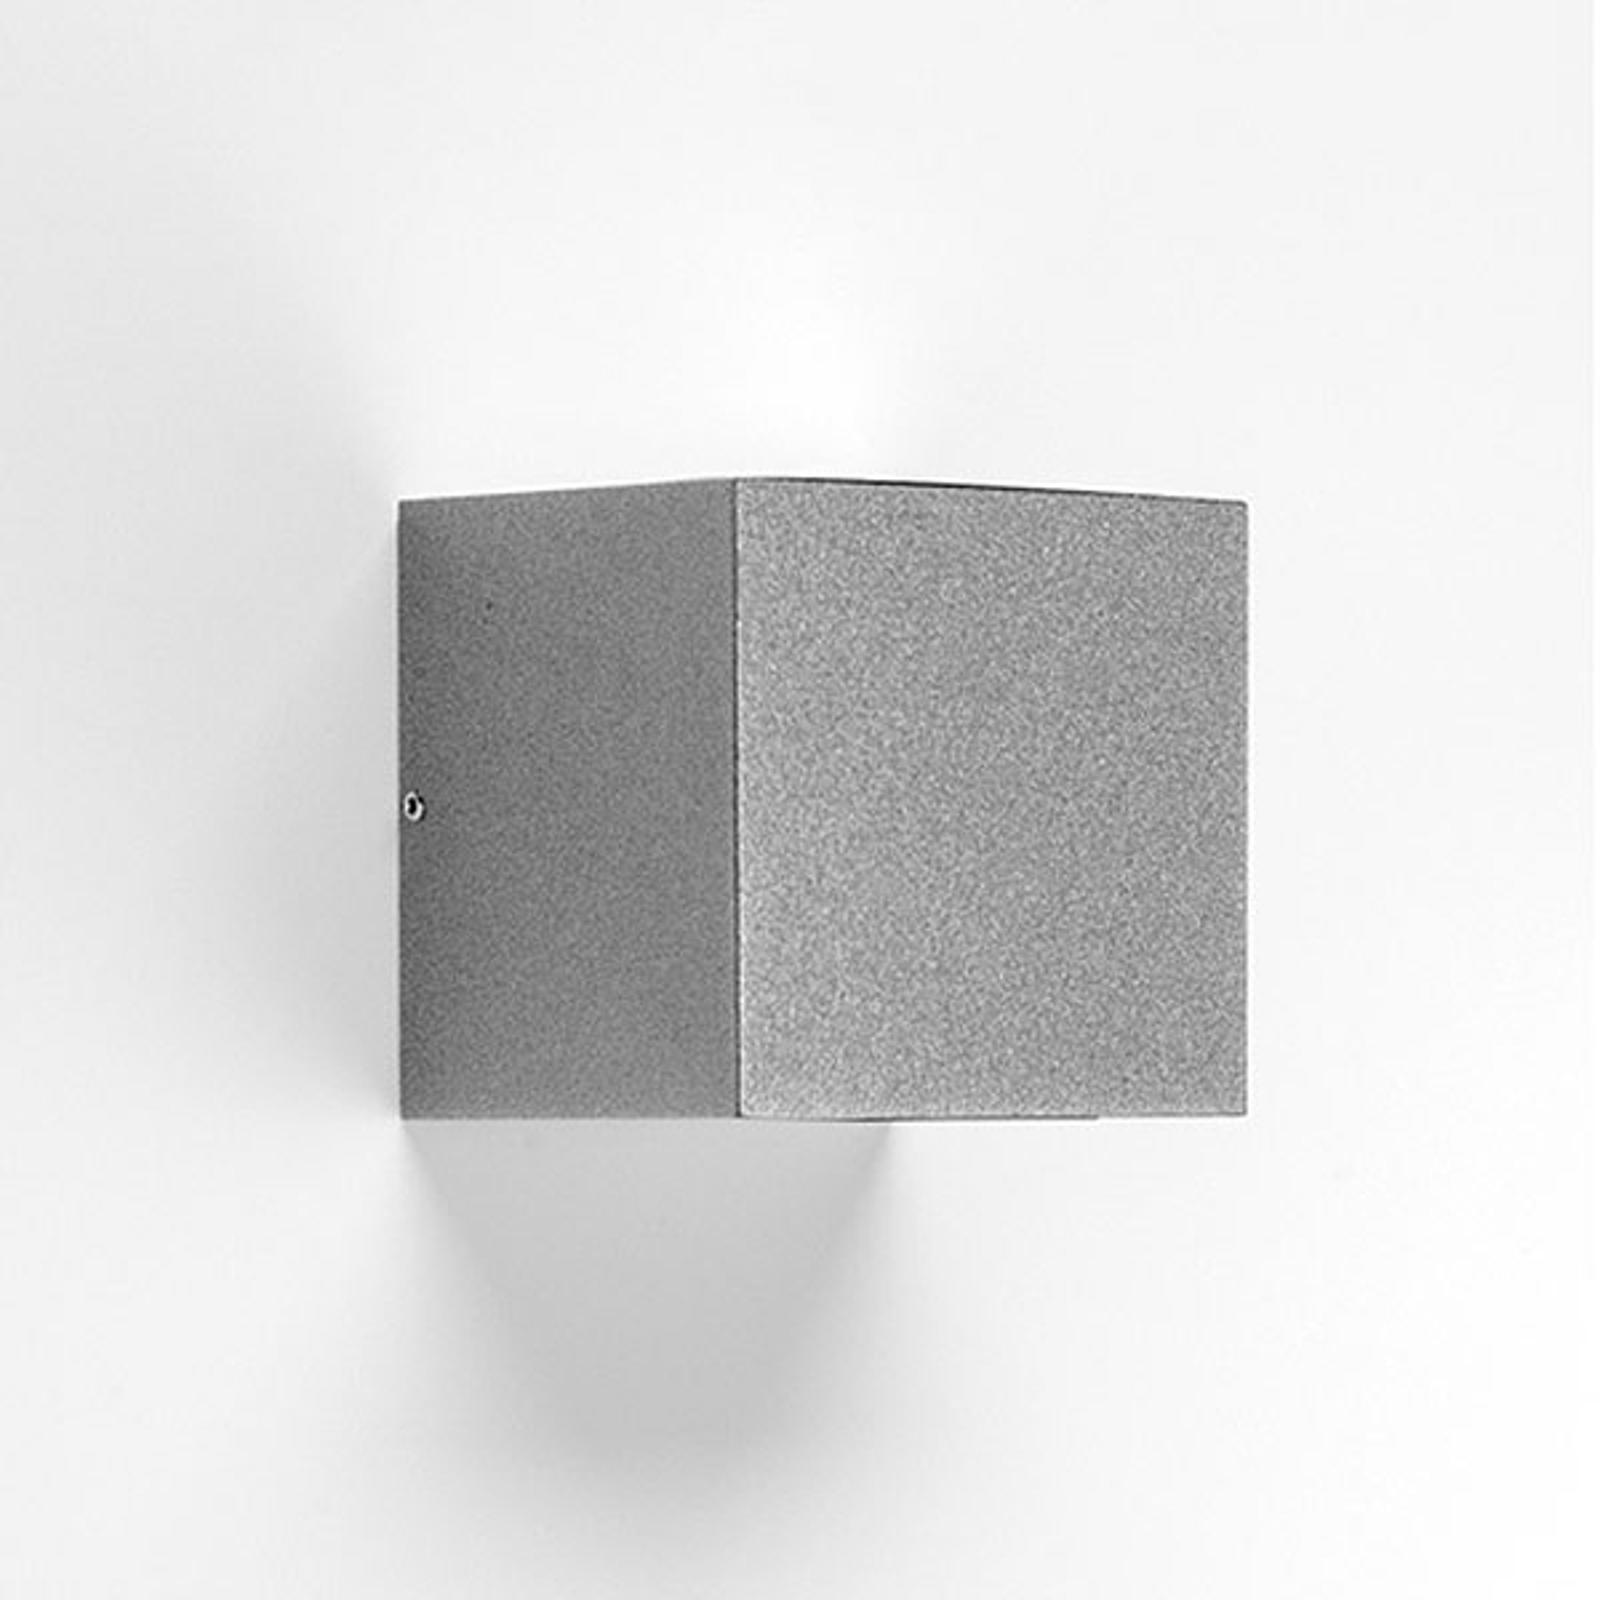 Acquista Applique LED 3033 in grigio, 1WB